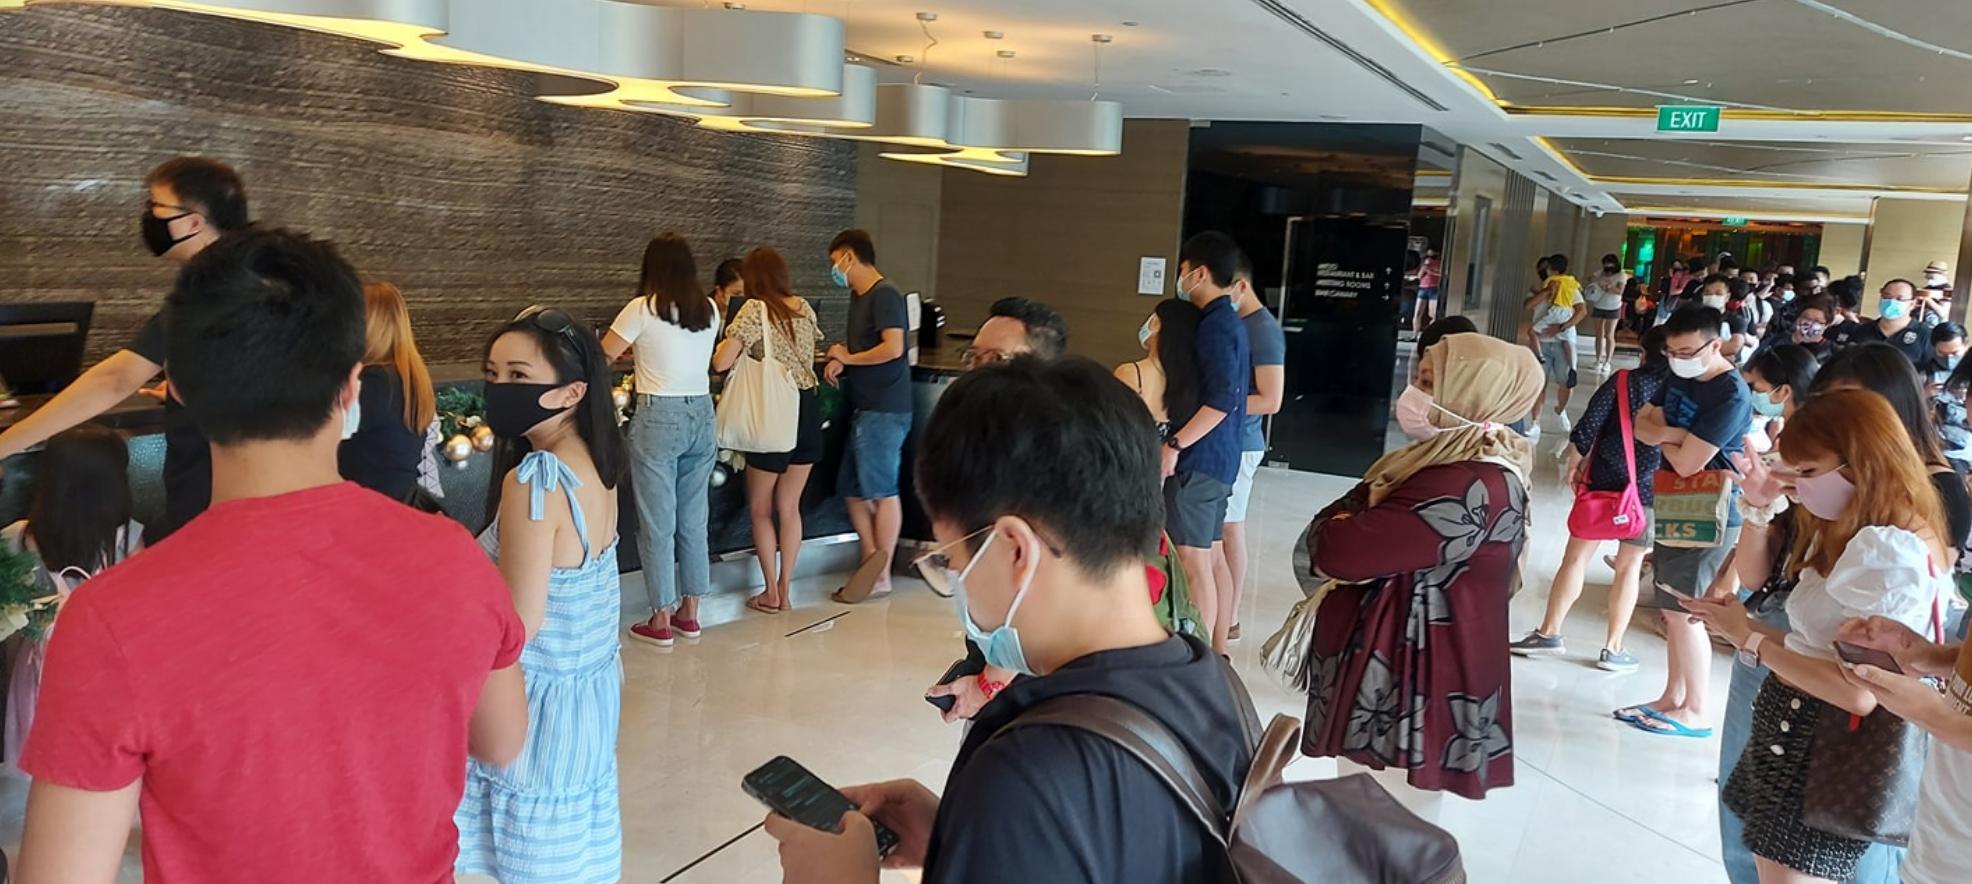 crowded-reception